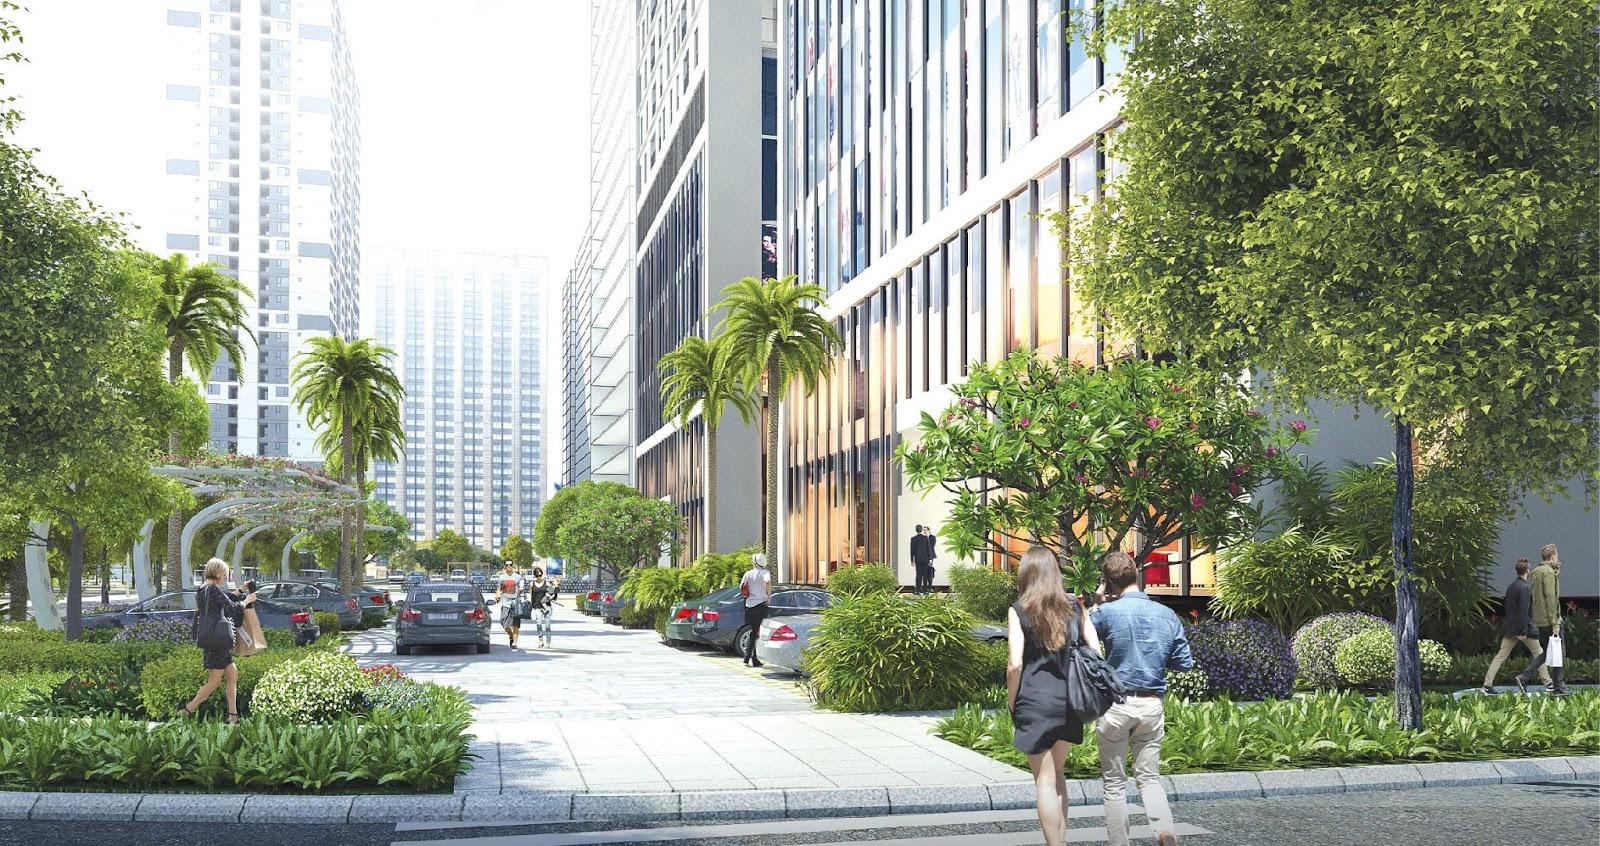 Dự án chung cư Phú Mỹ Complex là tổ hợp căn hộ cao cấp